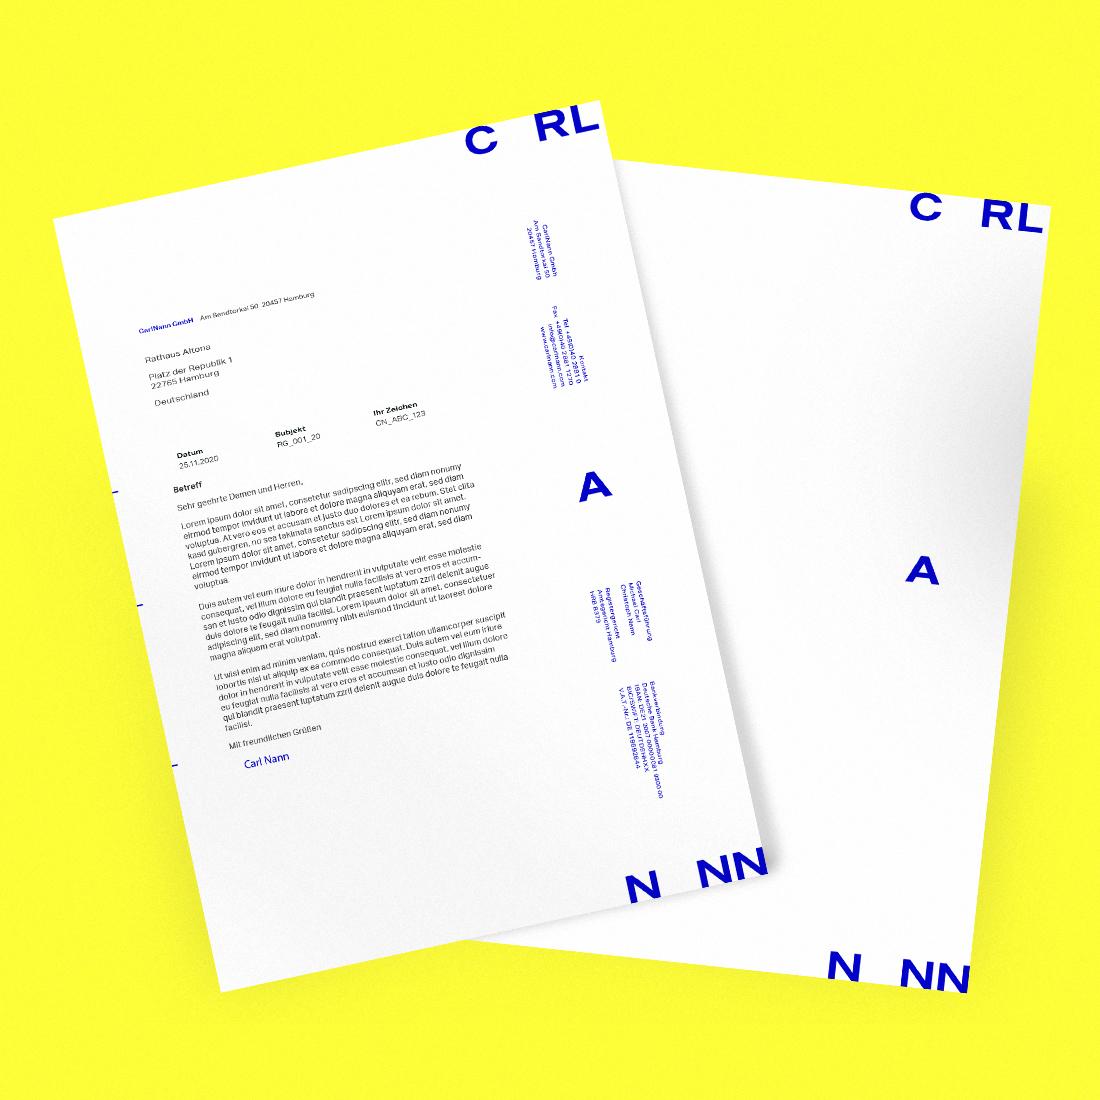 Blaues CarlNann Logo auf Dokumenten auf gelbem Hintergrund